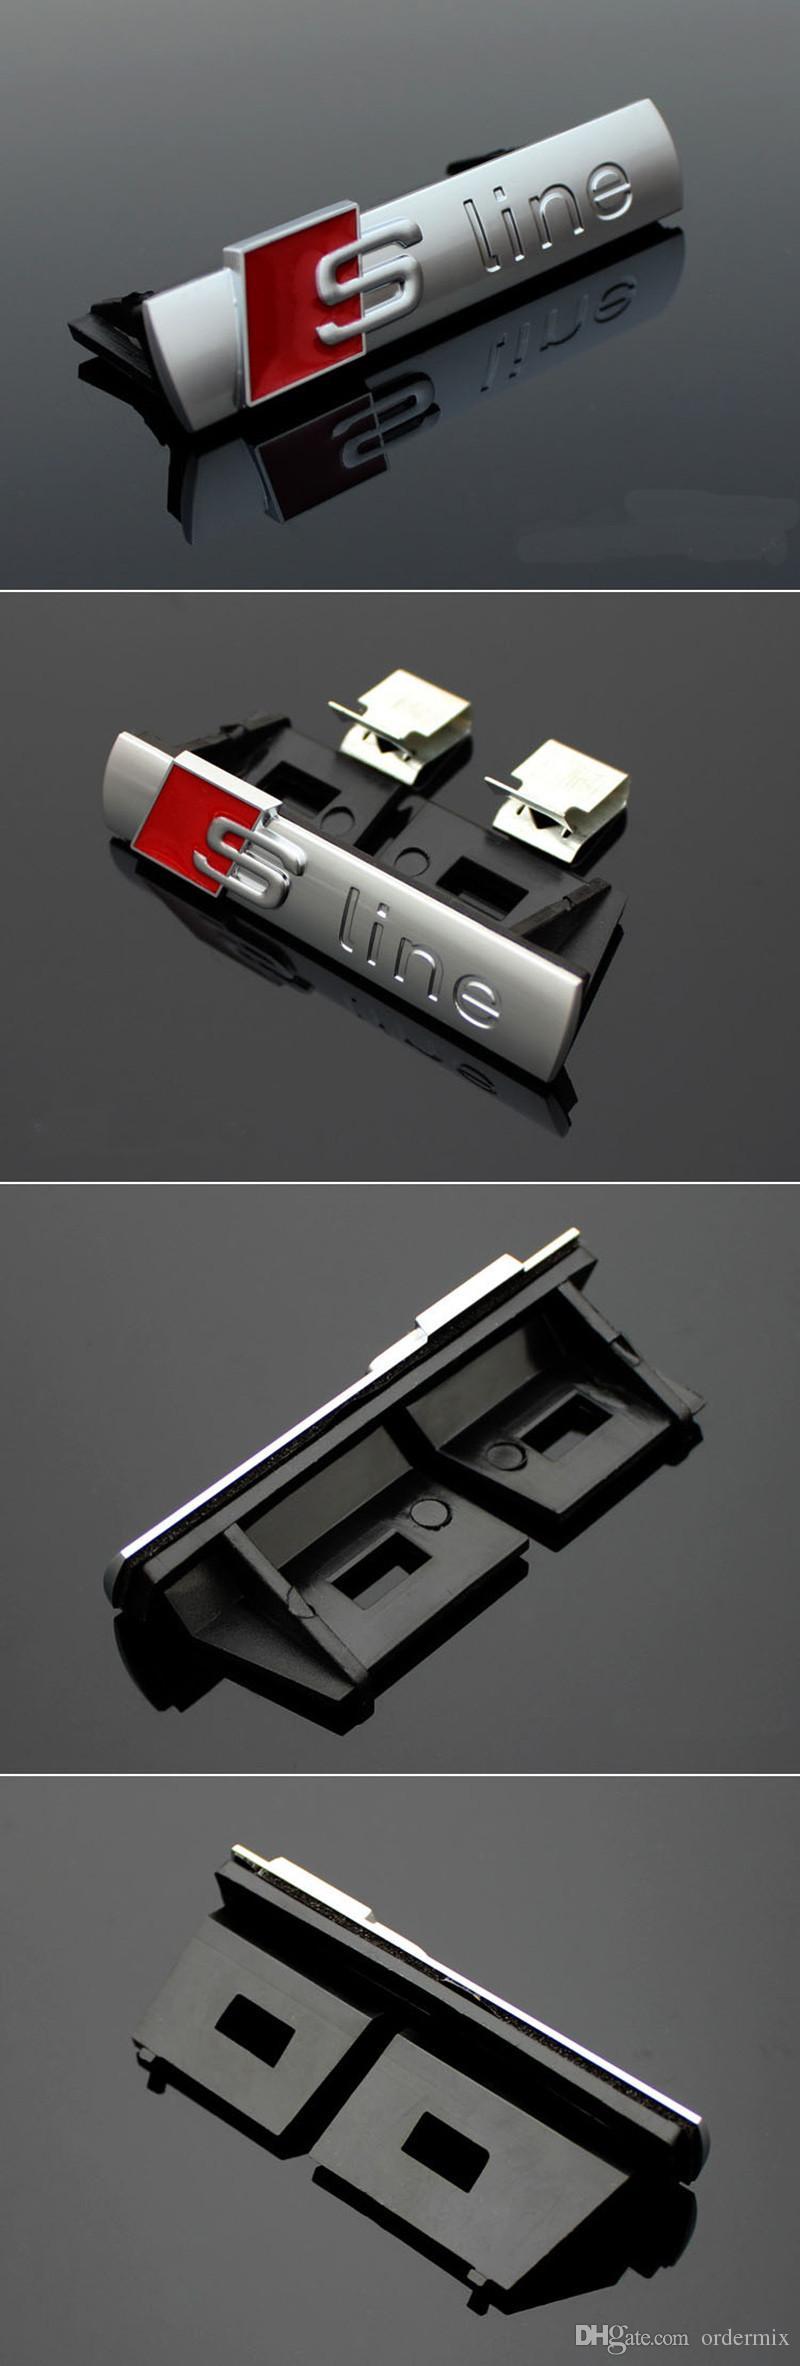 S Linha Sline Grade dianteira do emblema do emblema etiqueta cromado plástico ABS -Front grelha para montar Audi S3 S4 S5 S6 S8 A1 A3 A4 A5 A6 A7